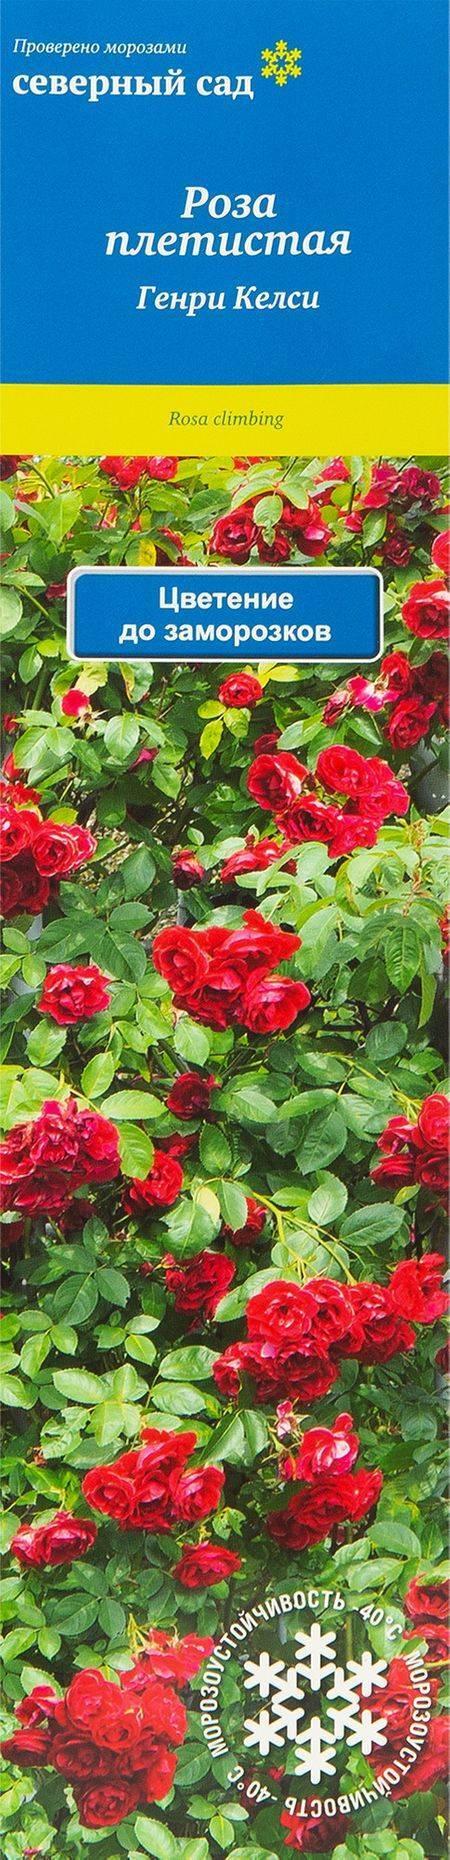 Описание лучших сортов канадских роз, посадка и уход в открытом грунте